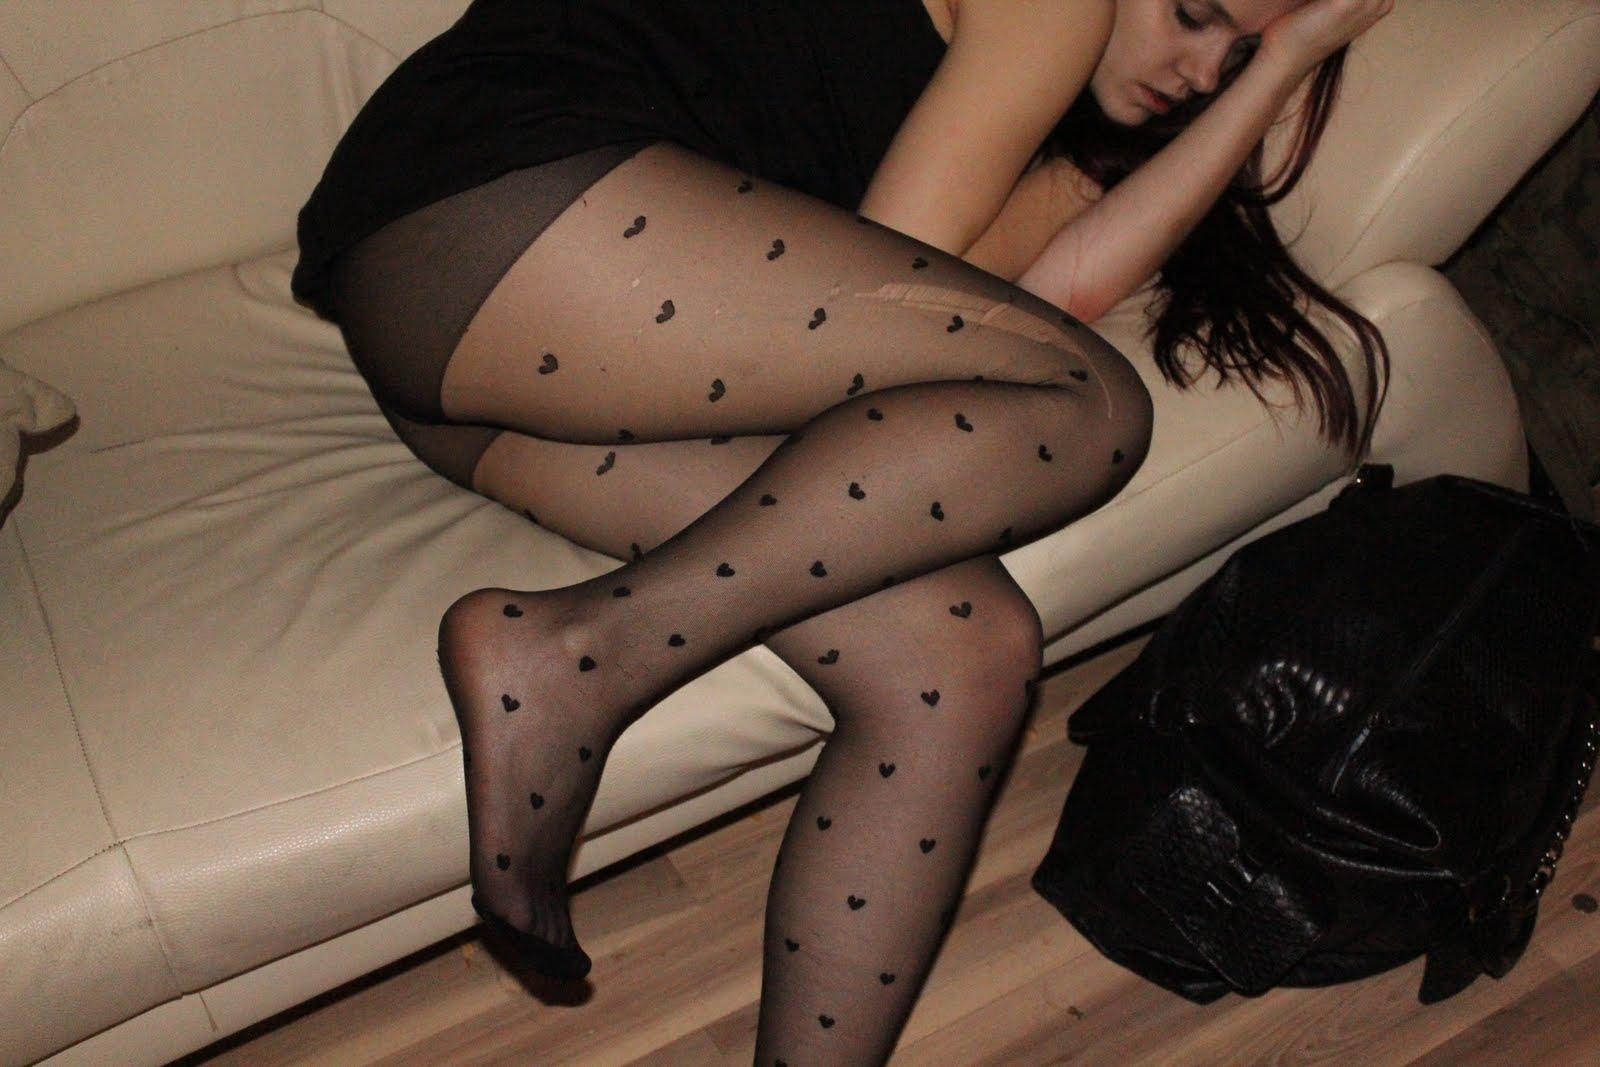 Секс русских частное в чулках, Эротика и порно видео с русскими девушками 2 фотография